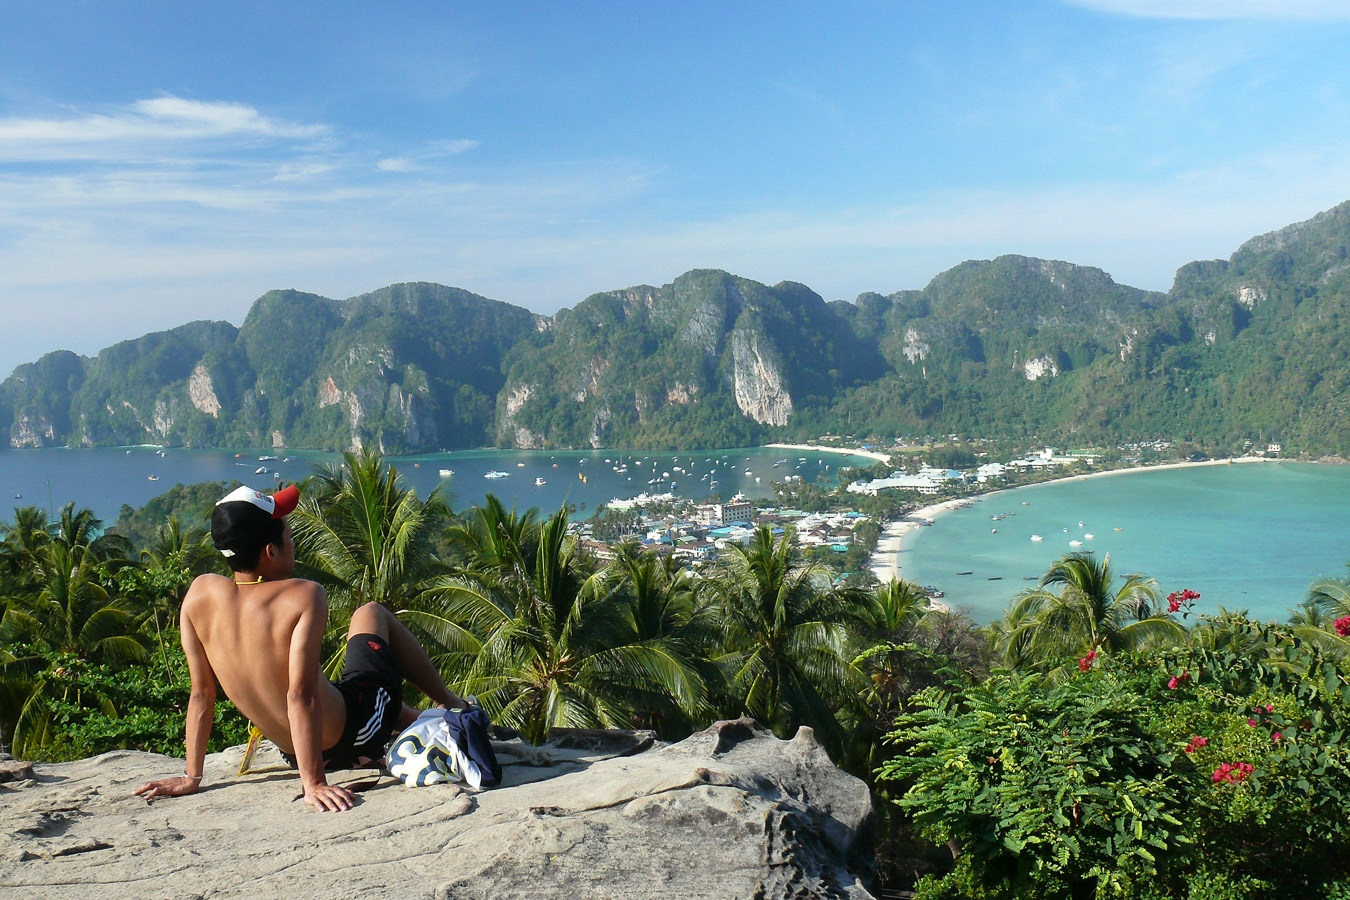 Photographie de voyage - vue sur Koh Phi Phi, Thaïlande